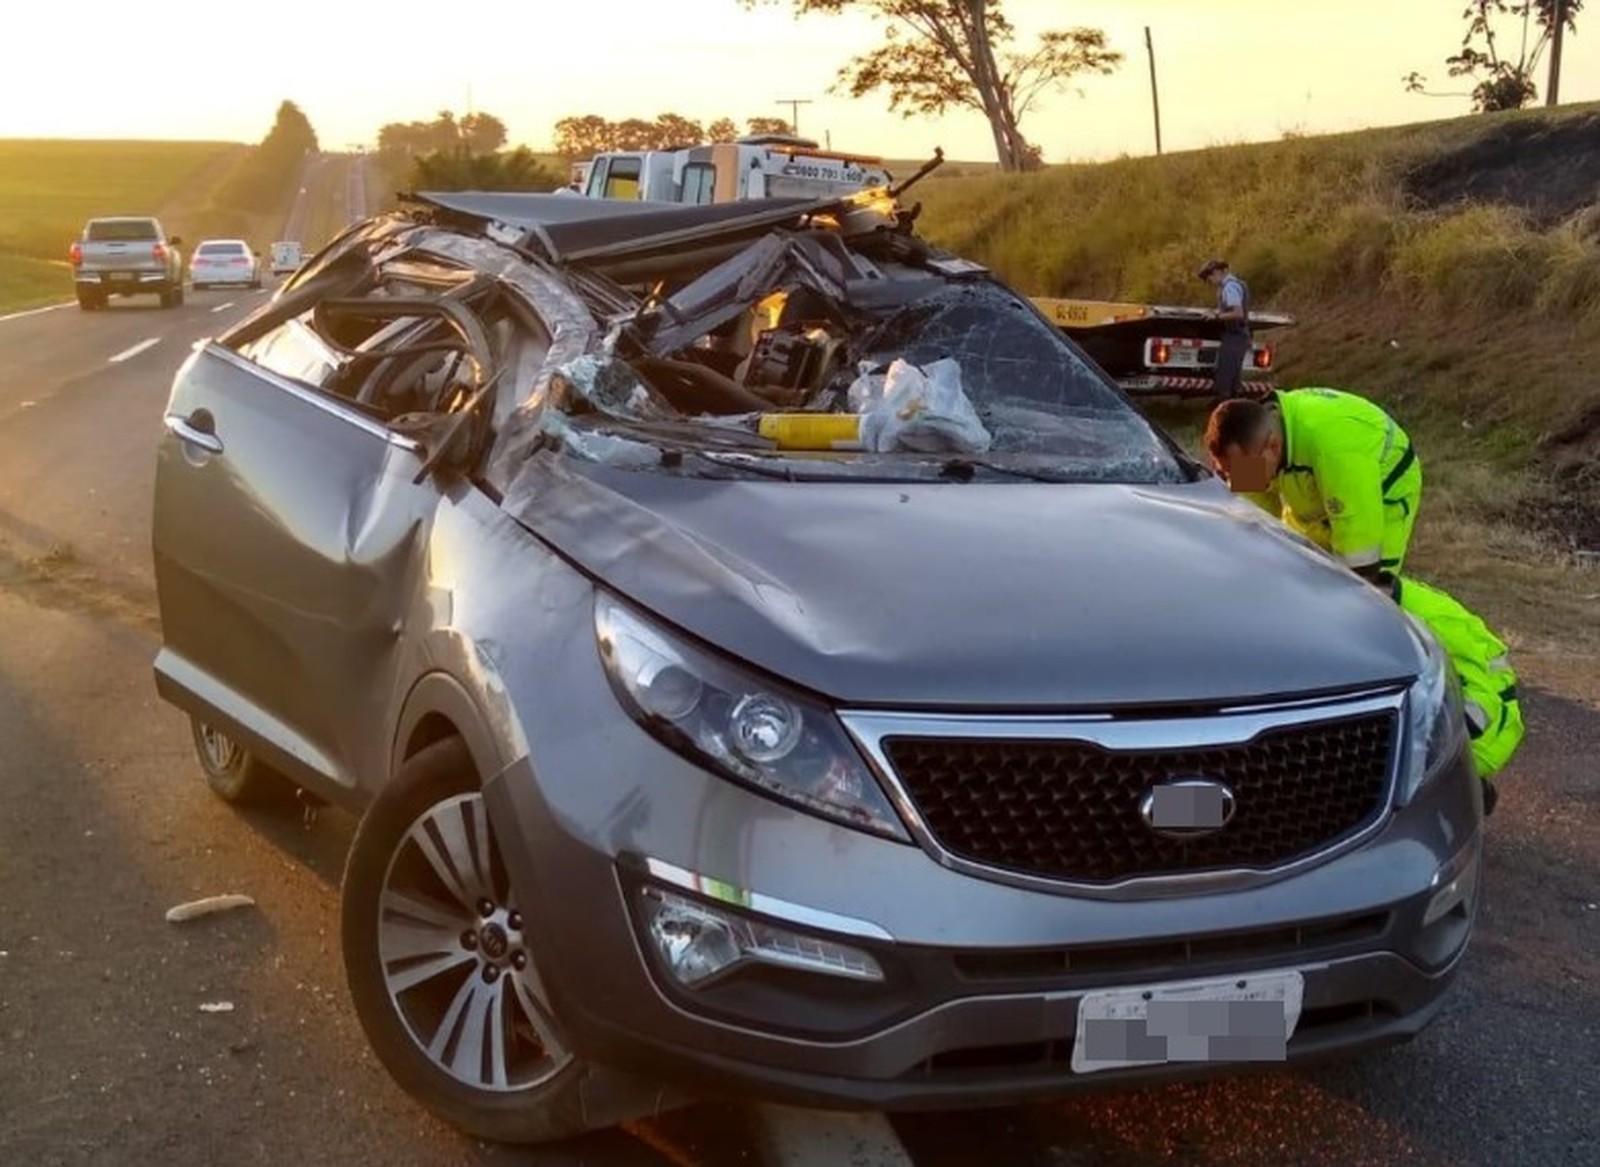 Acidente em rodovia mata mulher de 59 anos em Catiguá